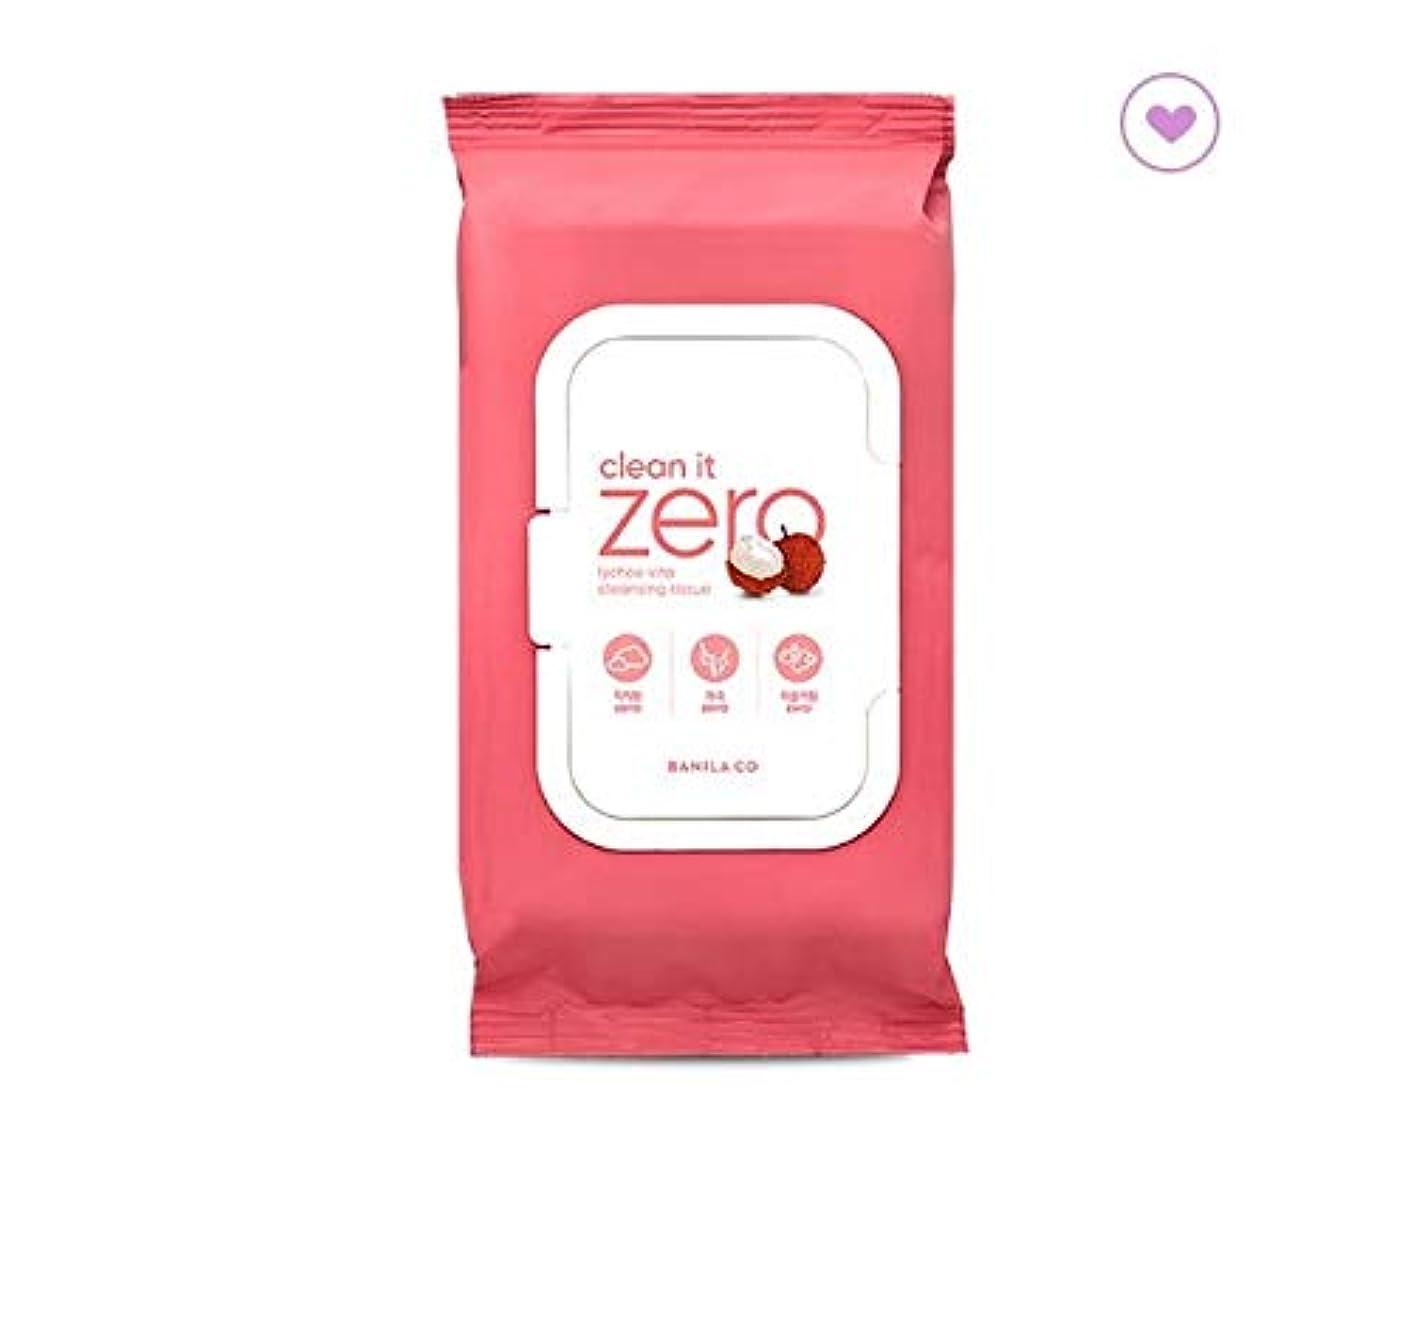 ドレイン愚か法王banilaco クリーンイットゼロライチヴィータクレンジングティッシュ80枚 / Clean It Zero Lychee Vita Cleansing Tissue 80 sheets (430g) [並行輸入品]